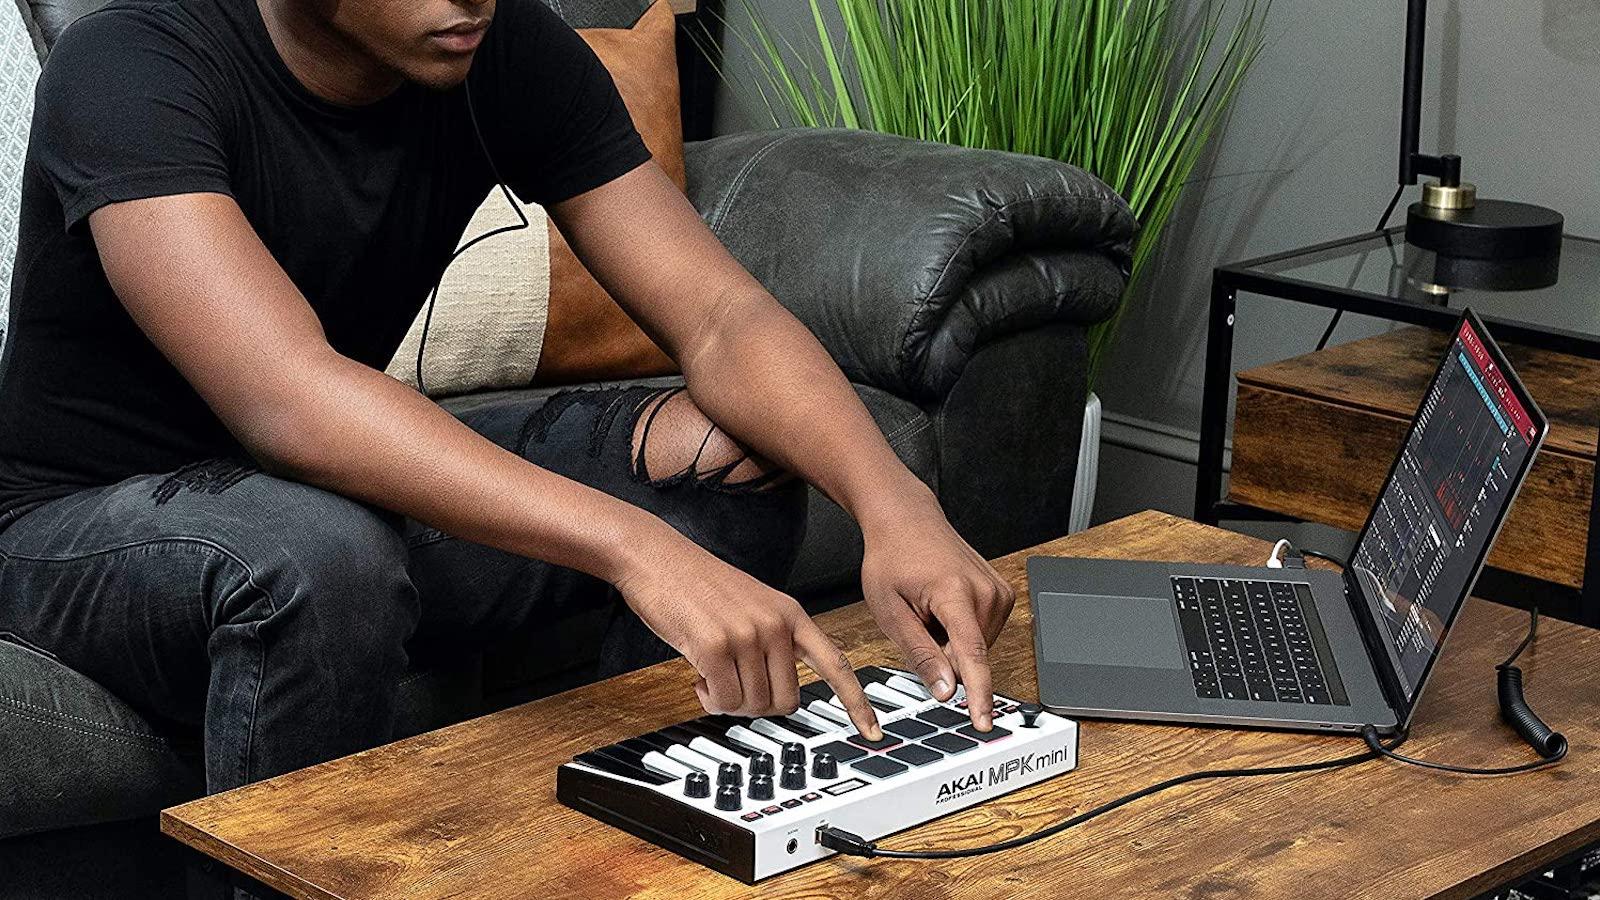 Akai Pro MPK mini mk3 Small Keyboard Controller